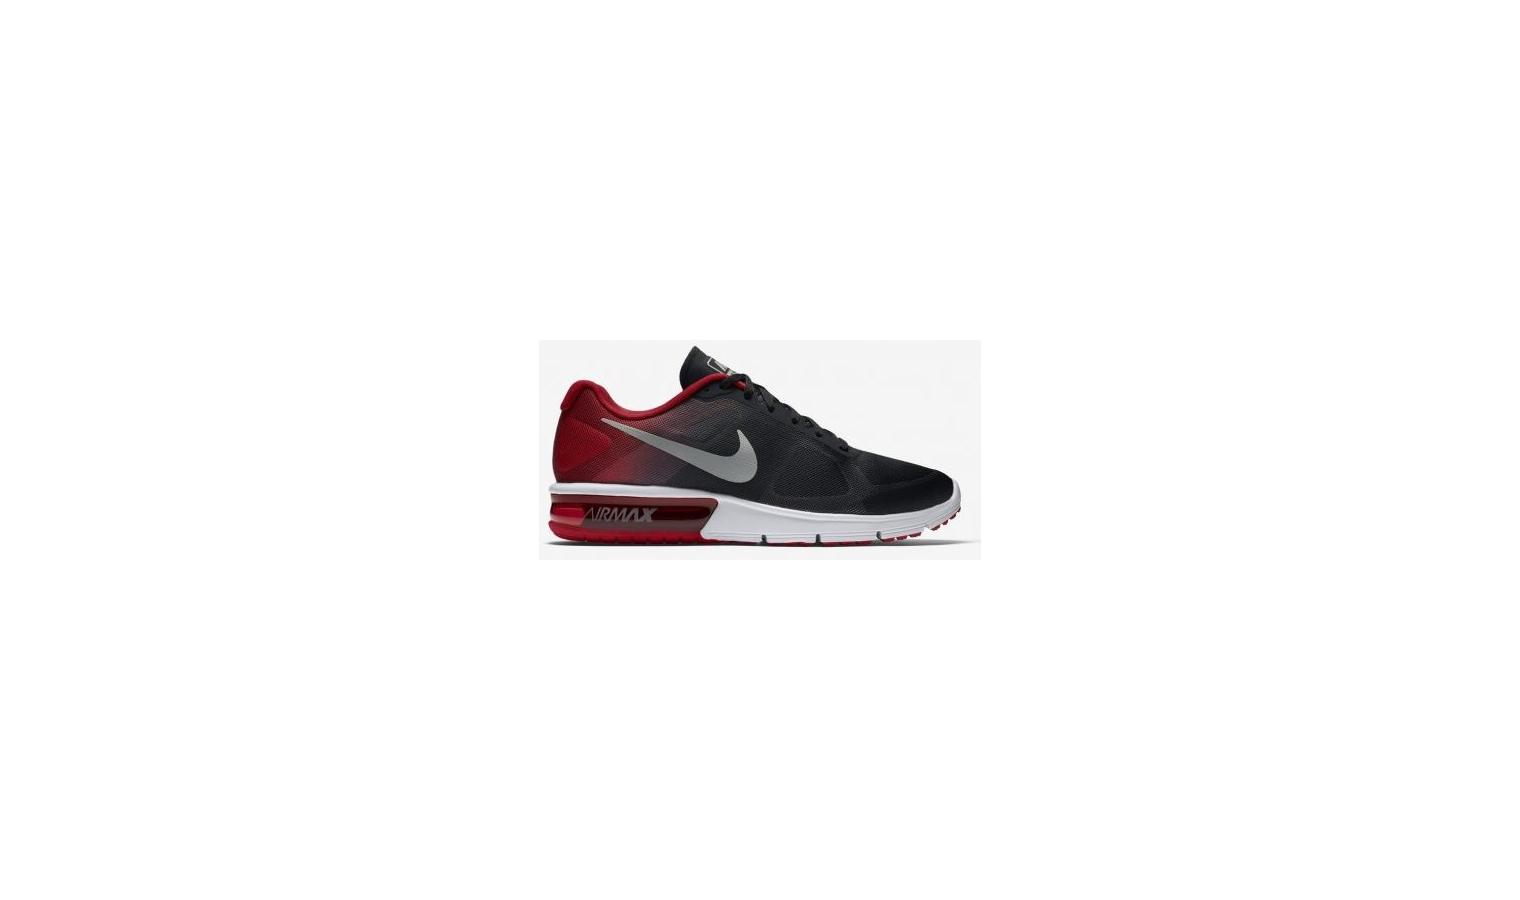 Pánske topánky Nike AIR MAX Sequent čierne   červené  c3eb1b78295